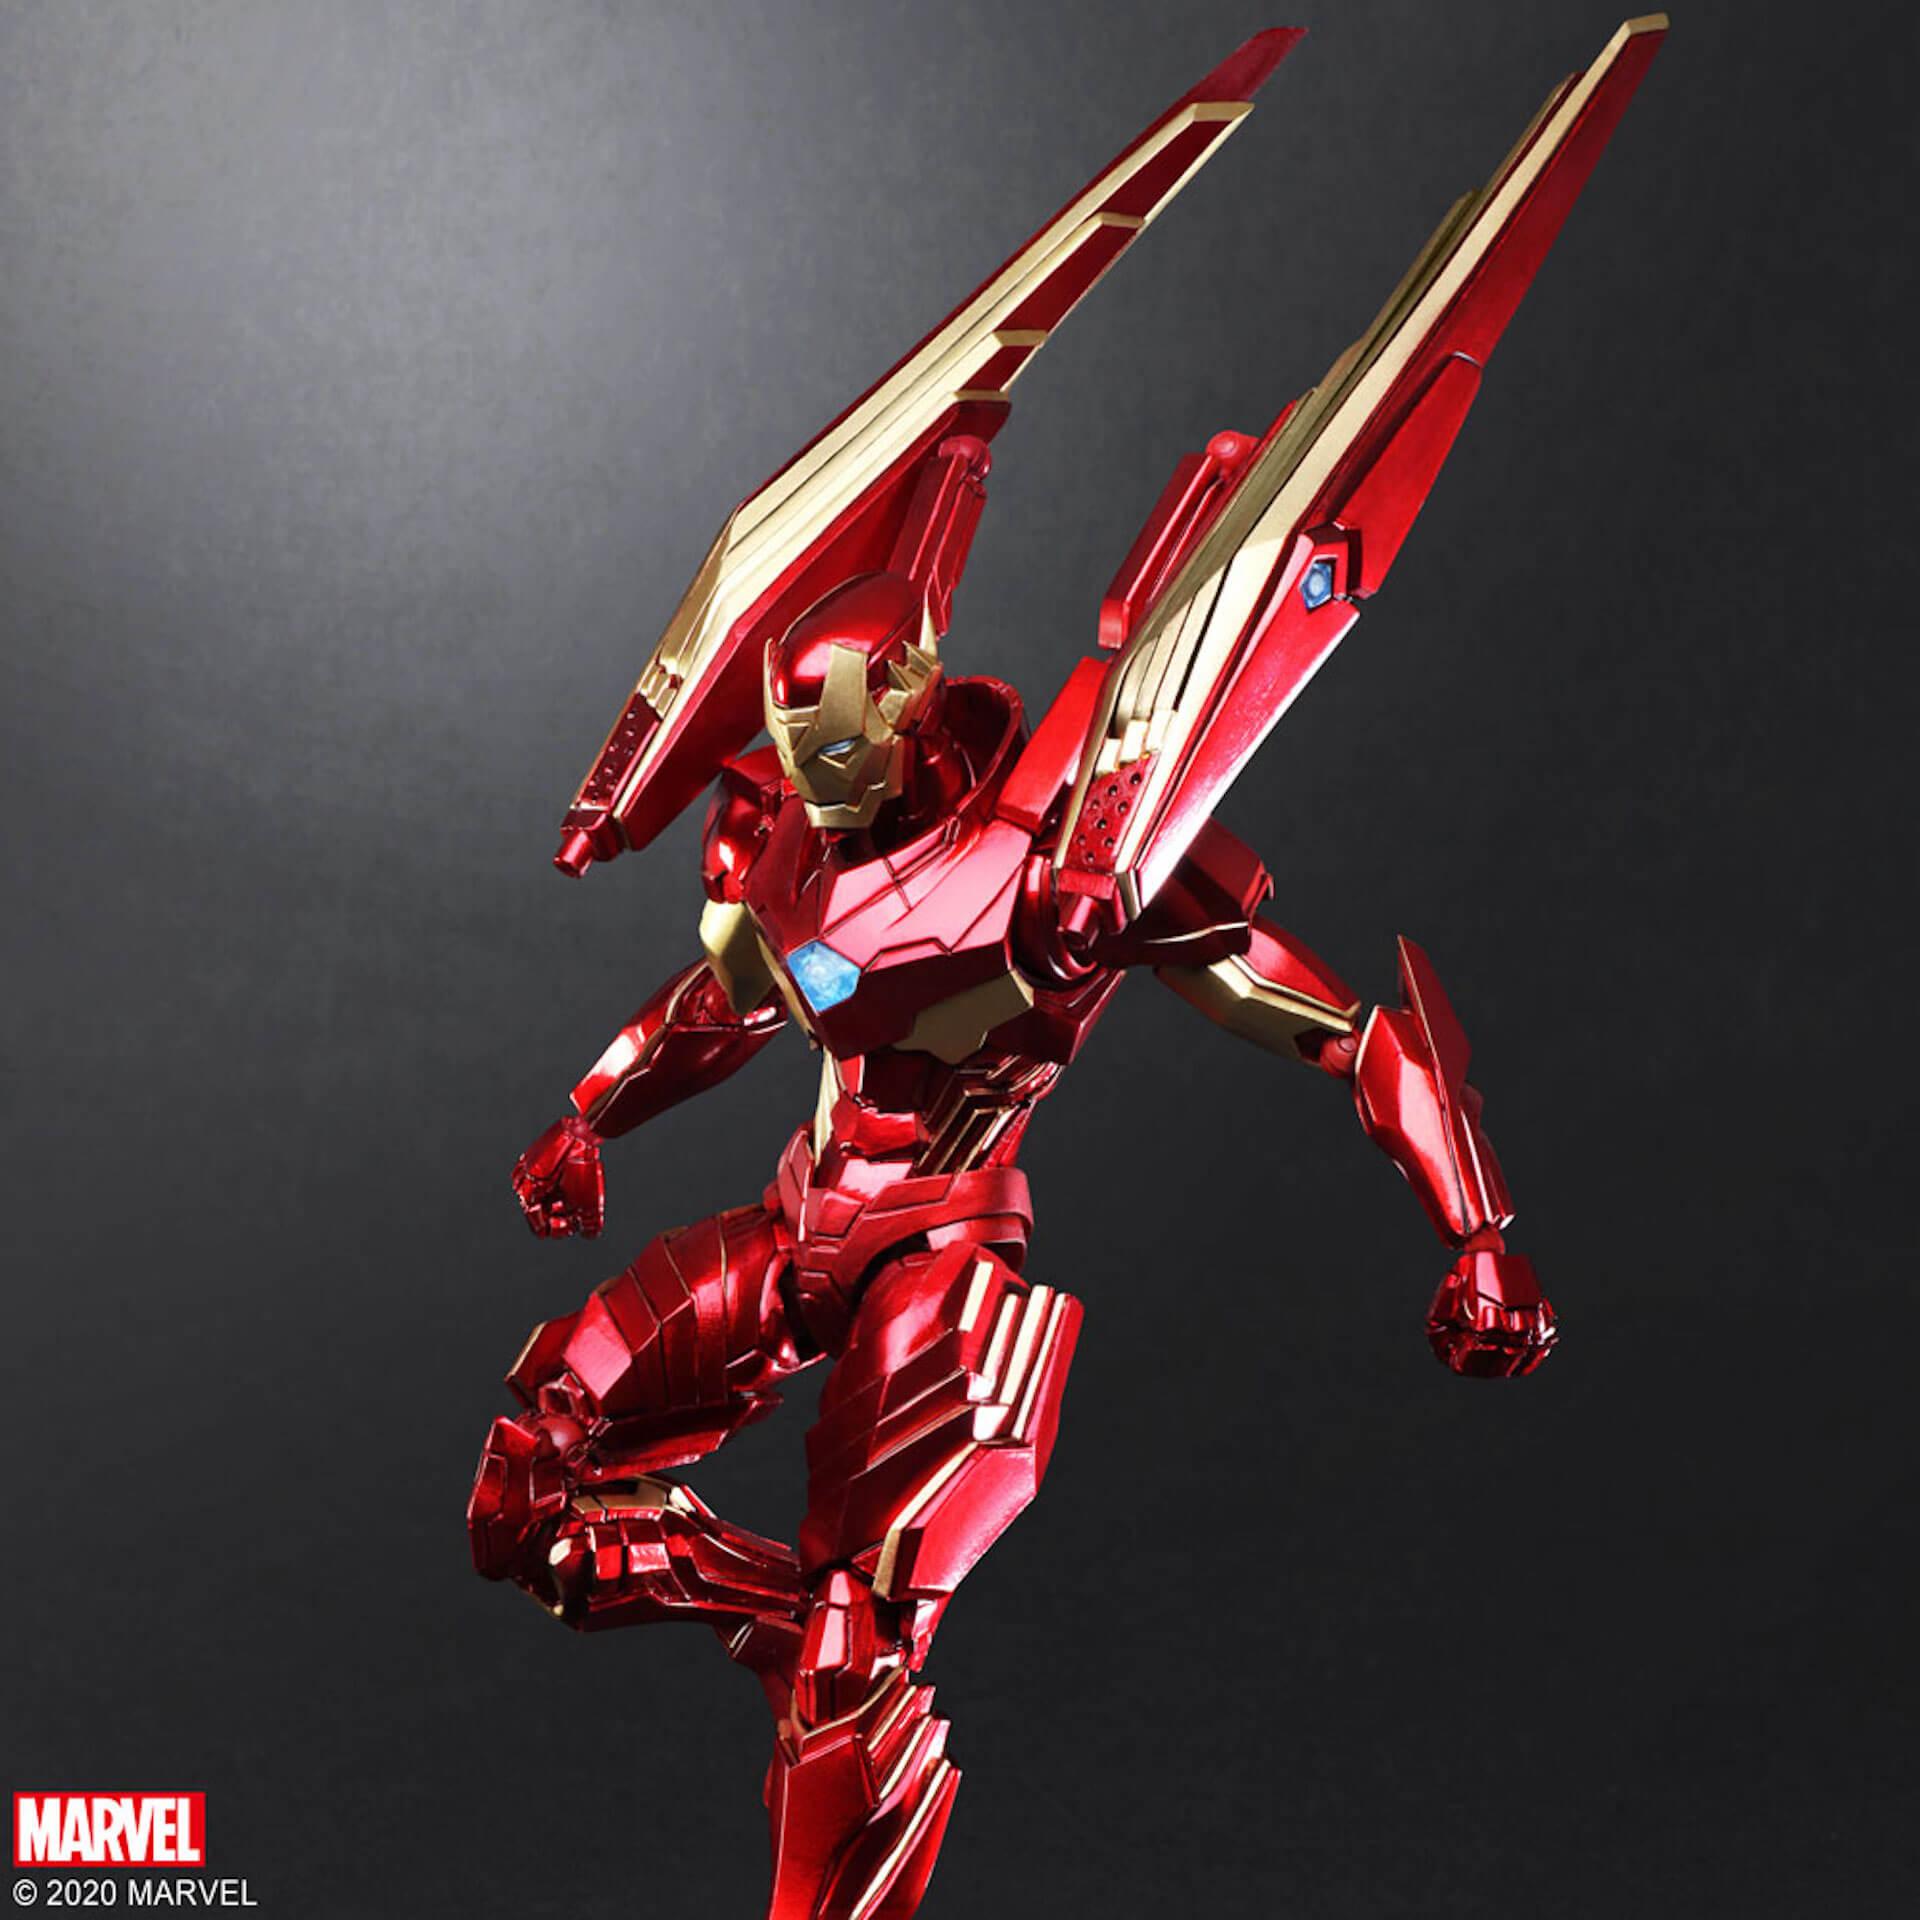 野村哲也デザインの『アイアンマン』『キャプテン・アメリカ』『スパイダーマン』フィギュアがスクウェア・エニックスのオンラインサイトで予約受付中! ac200702_marvel_nomuratesuya_06